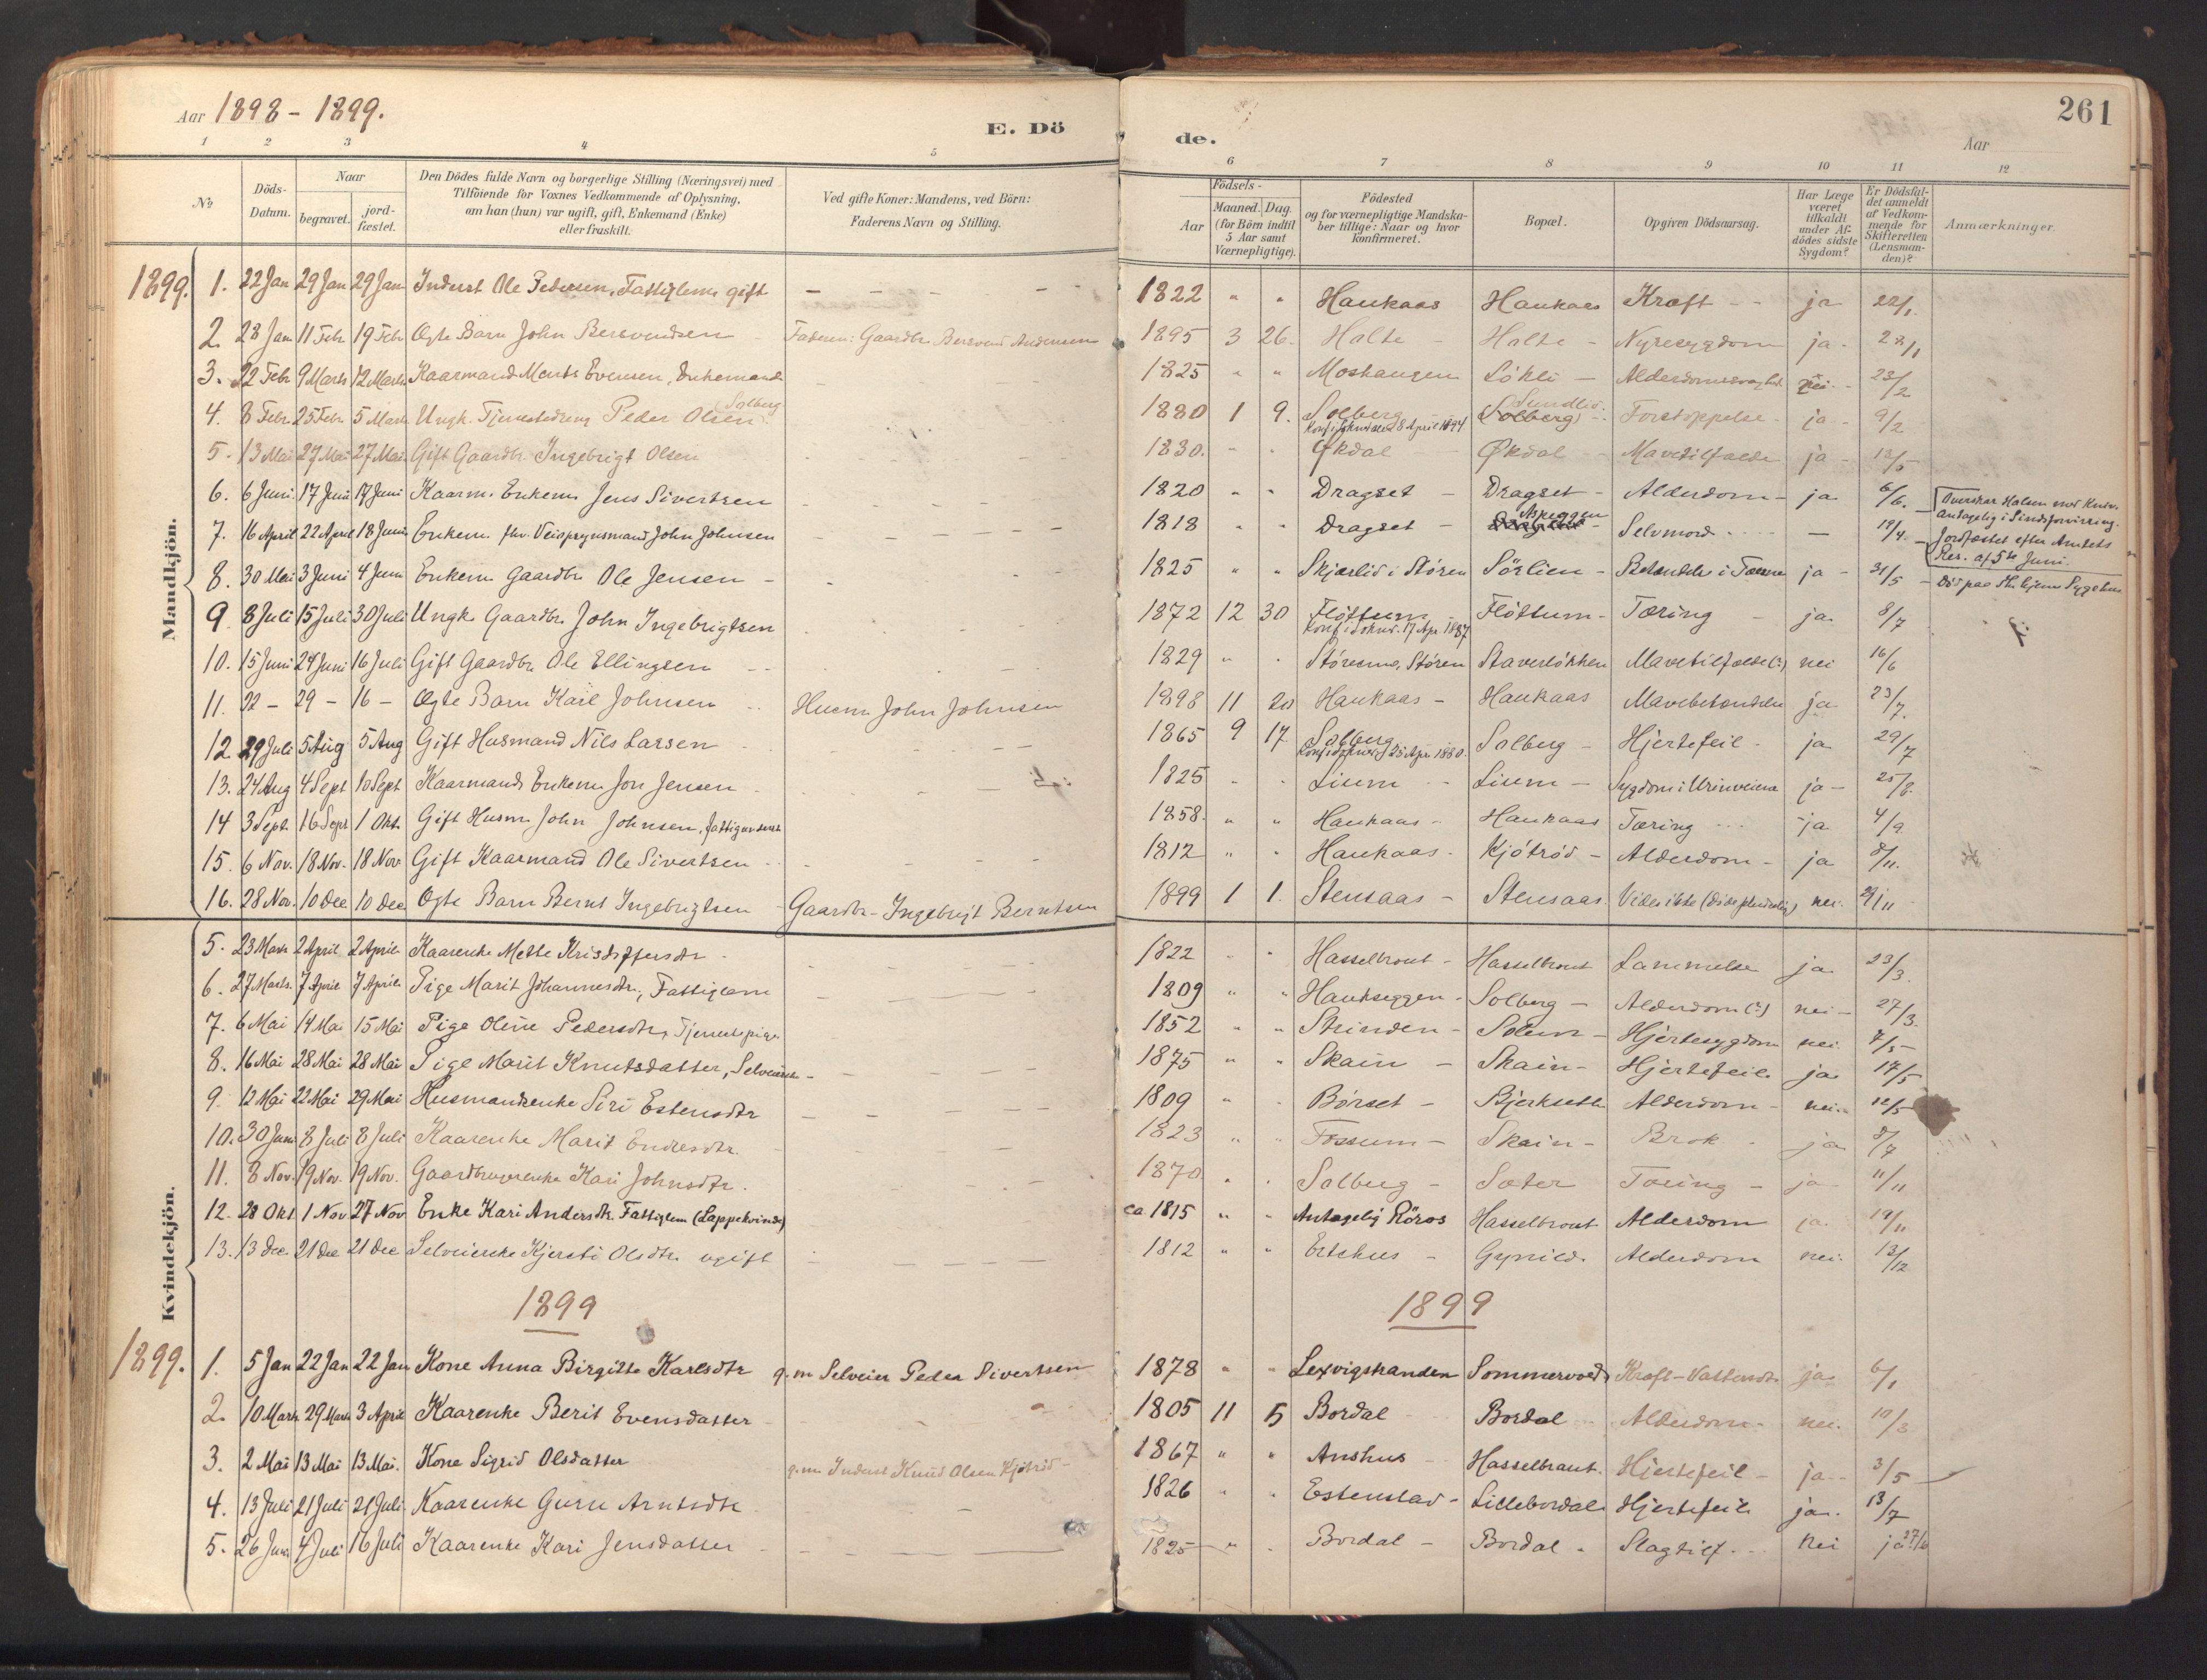 SAT, Ministerialprotokoller, klokkerbøker og fødselsregistre - Sør-Trøndelag, 689/L1041: Ministerialbok nr. 689A06, 1891-1923, s. 261